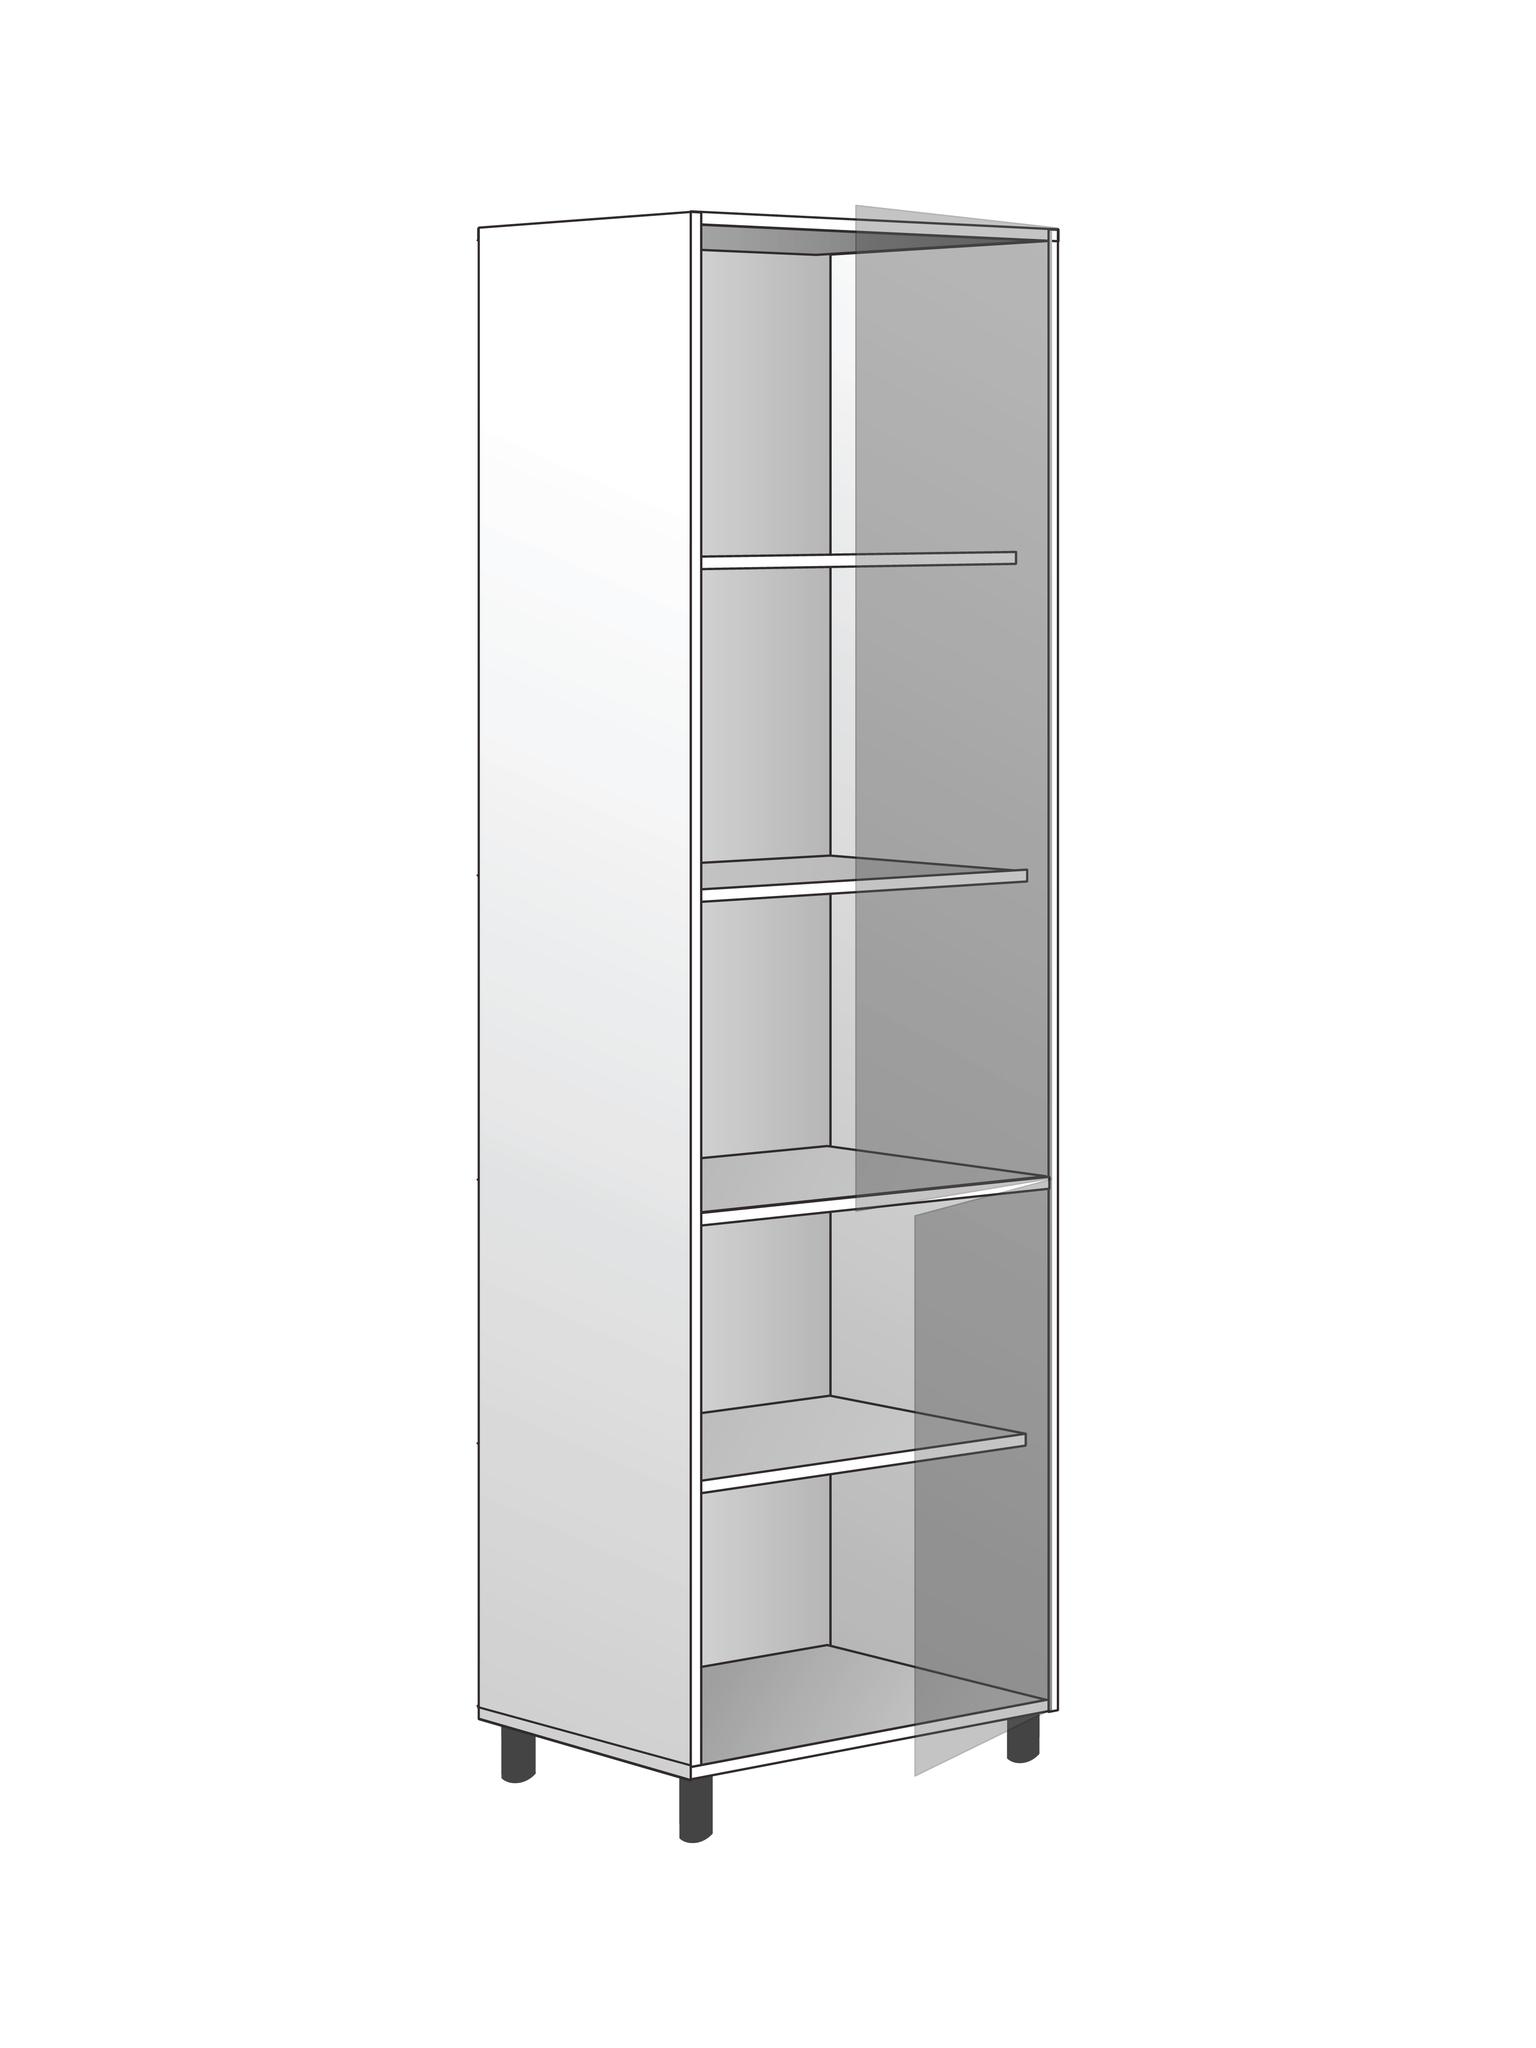 Напольный шкаф для хранения с 4 полками, 2040Х600 мм